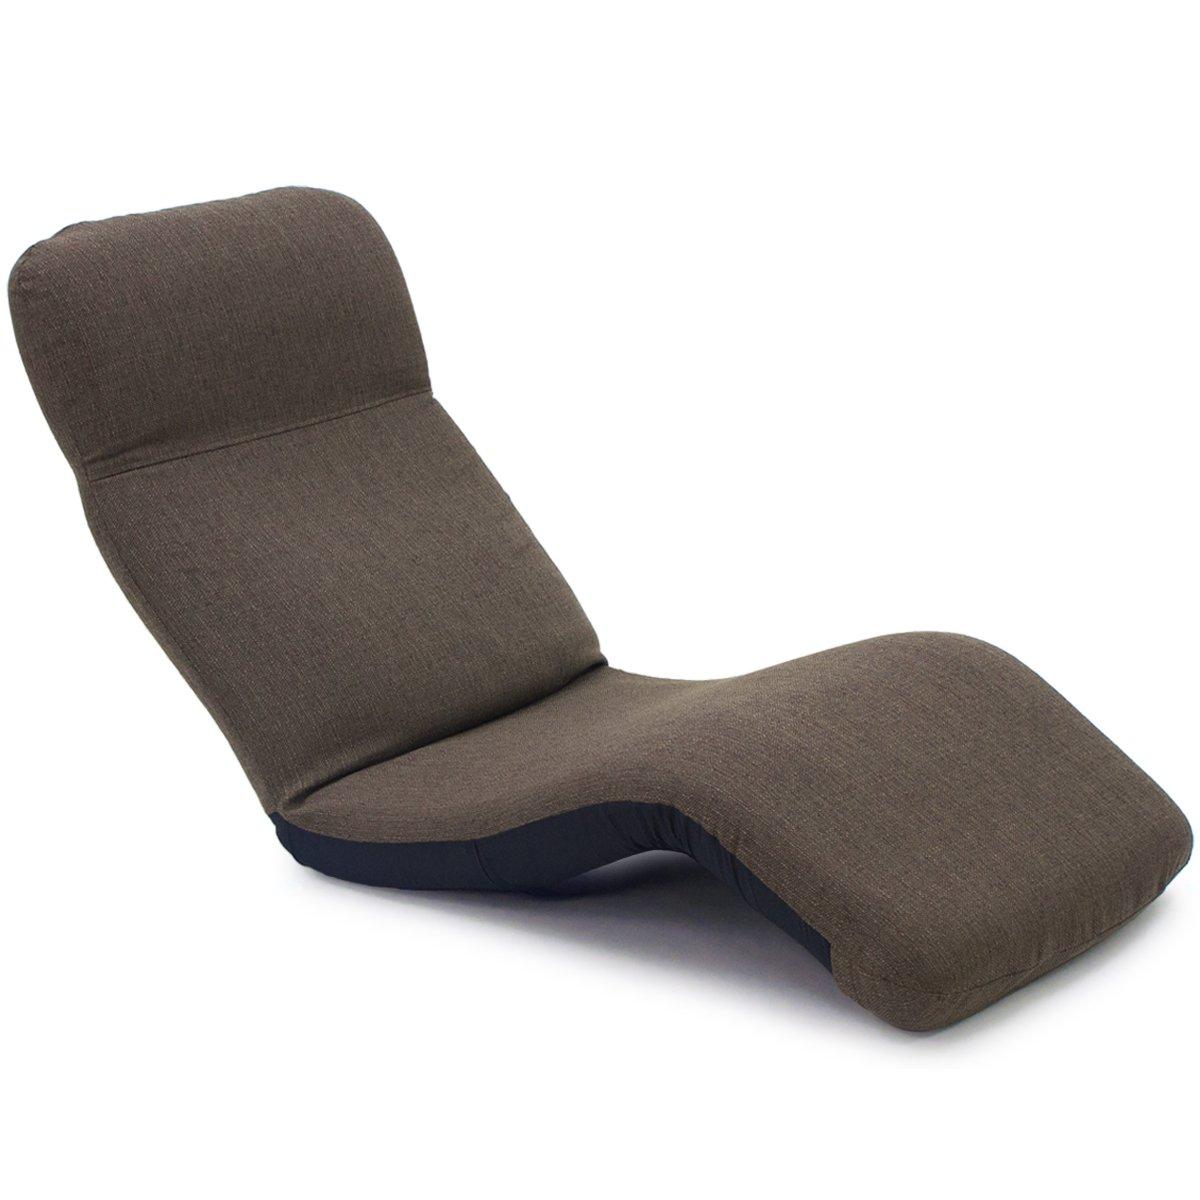 産学連携 中立姿勢でくつろげる 腰に優しいゆらゆら寝椅子 VISION (ヴィジョン) ブラウン 腰痛 日本製 リクライニング 姿勢 人気 B07DFYVP3M ヴィジョンブラウン ヴィジョンブラウン